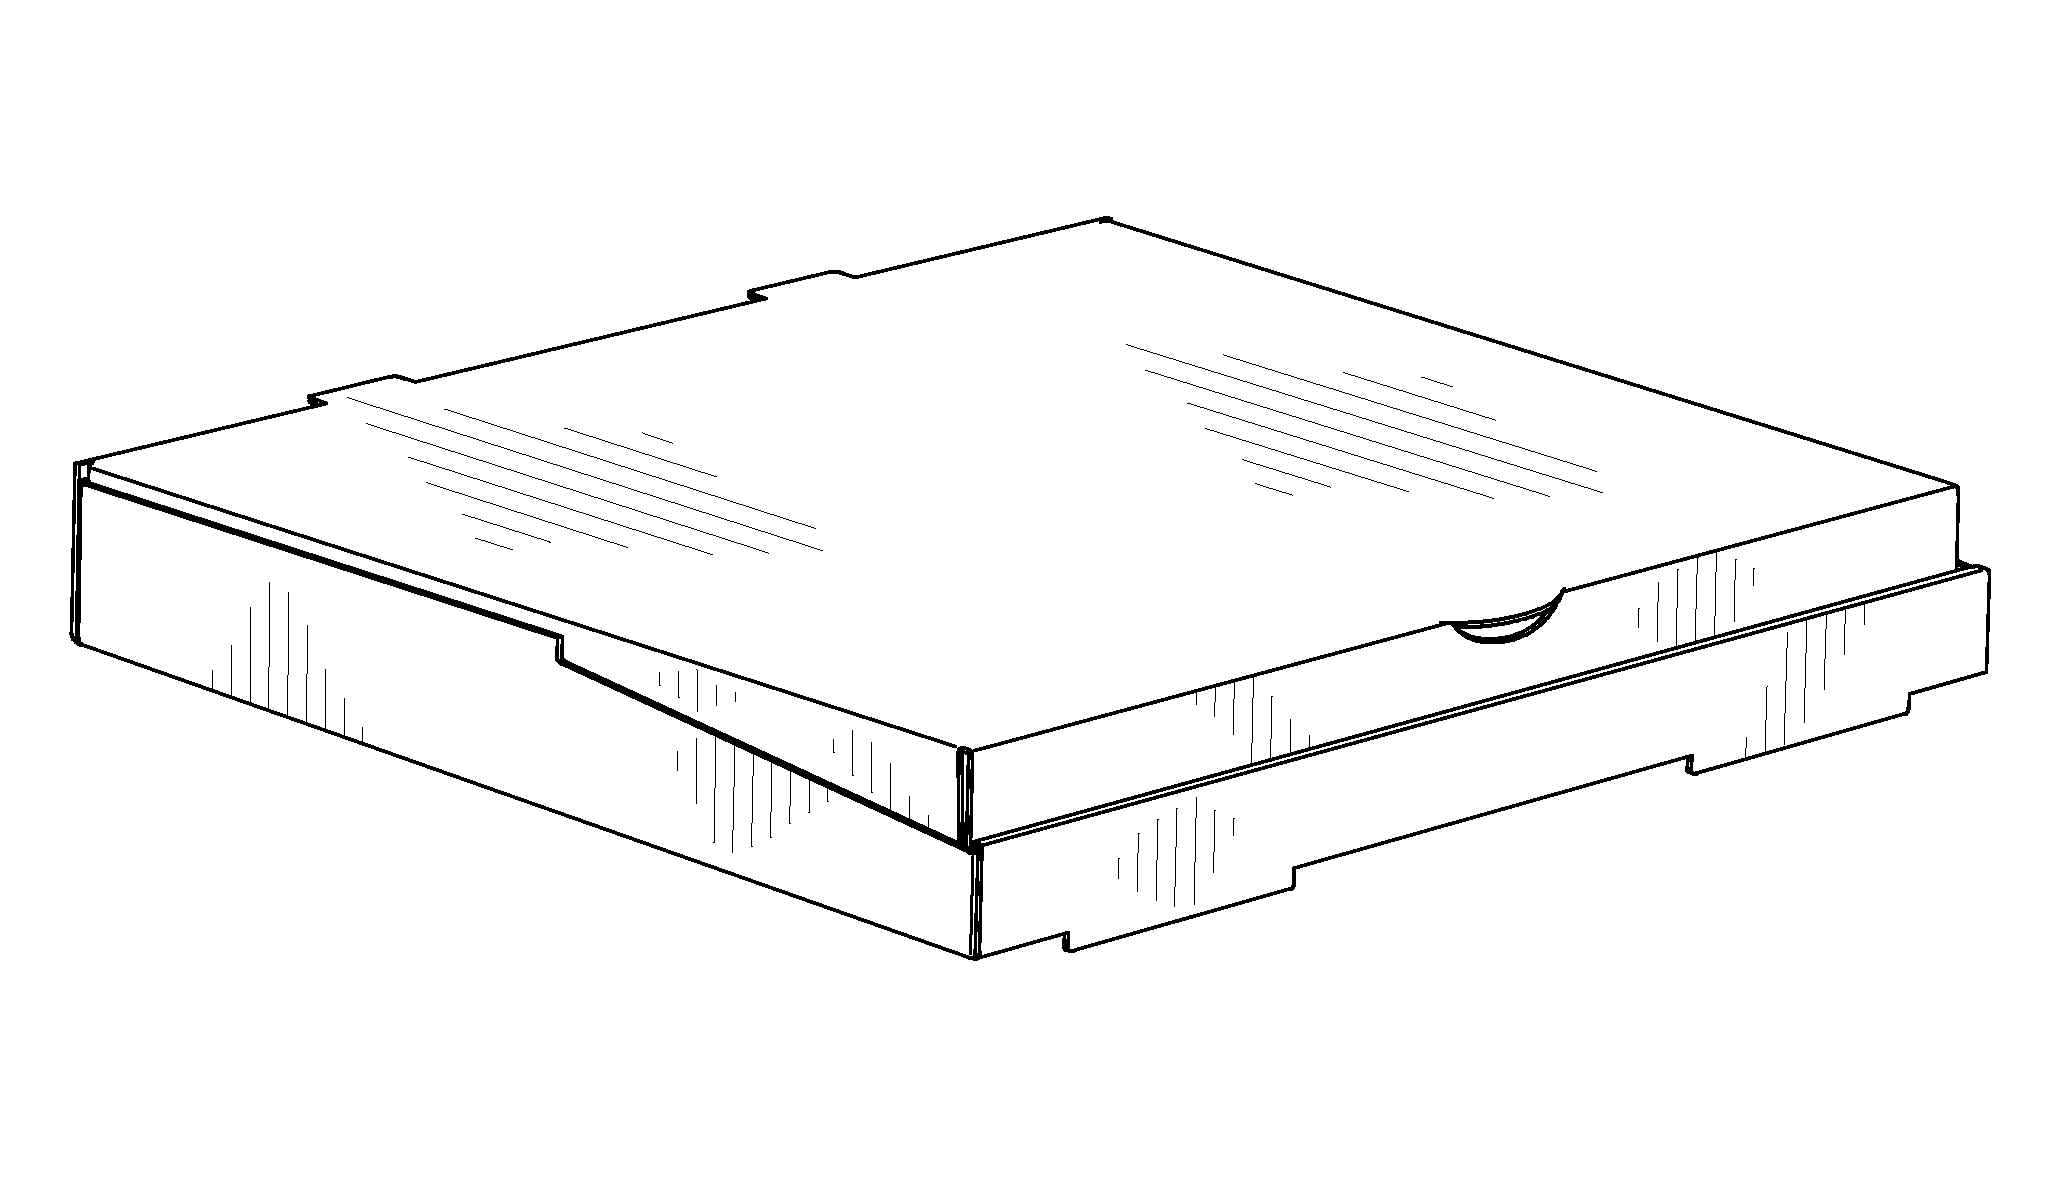 patent usd681452 - pizza box